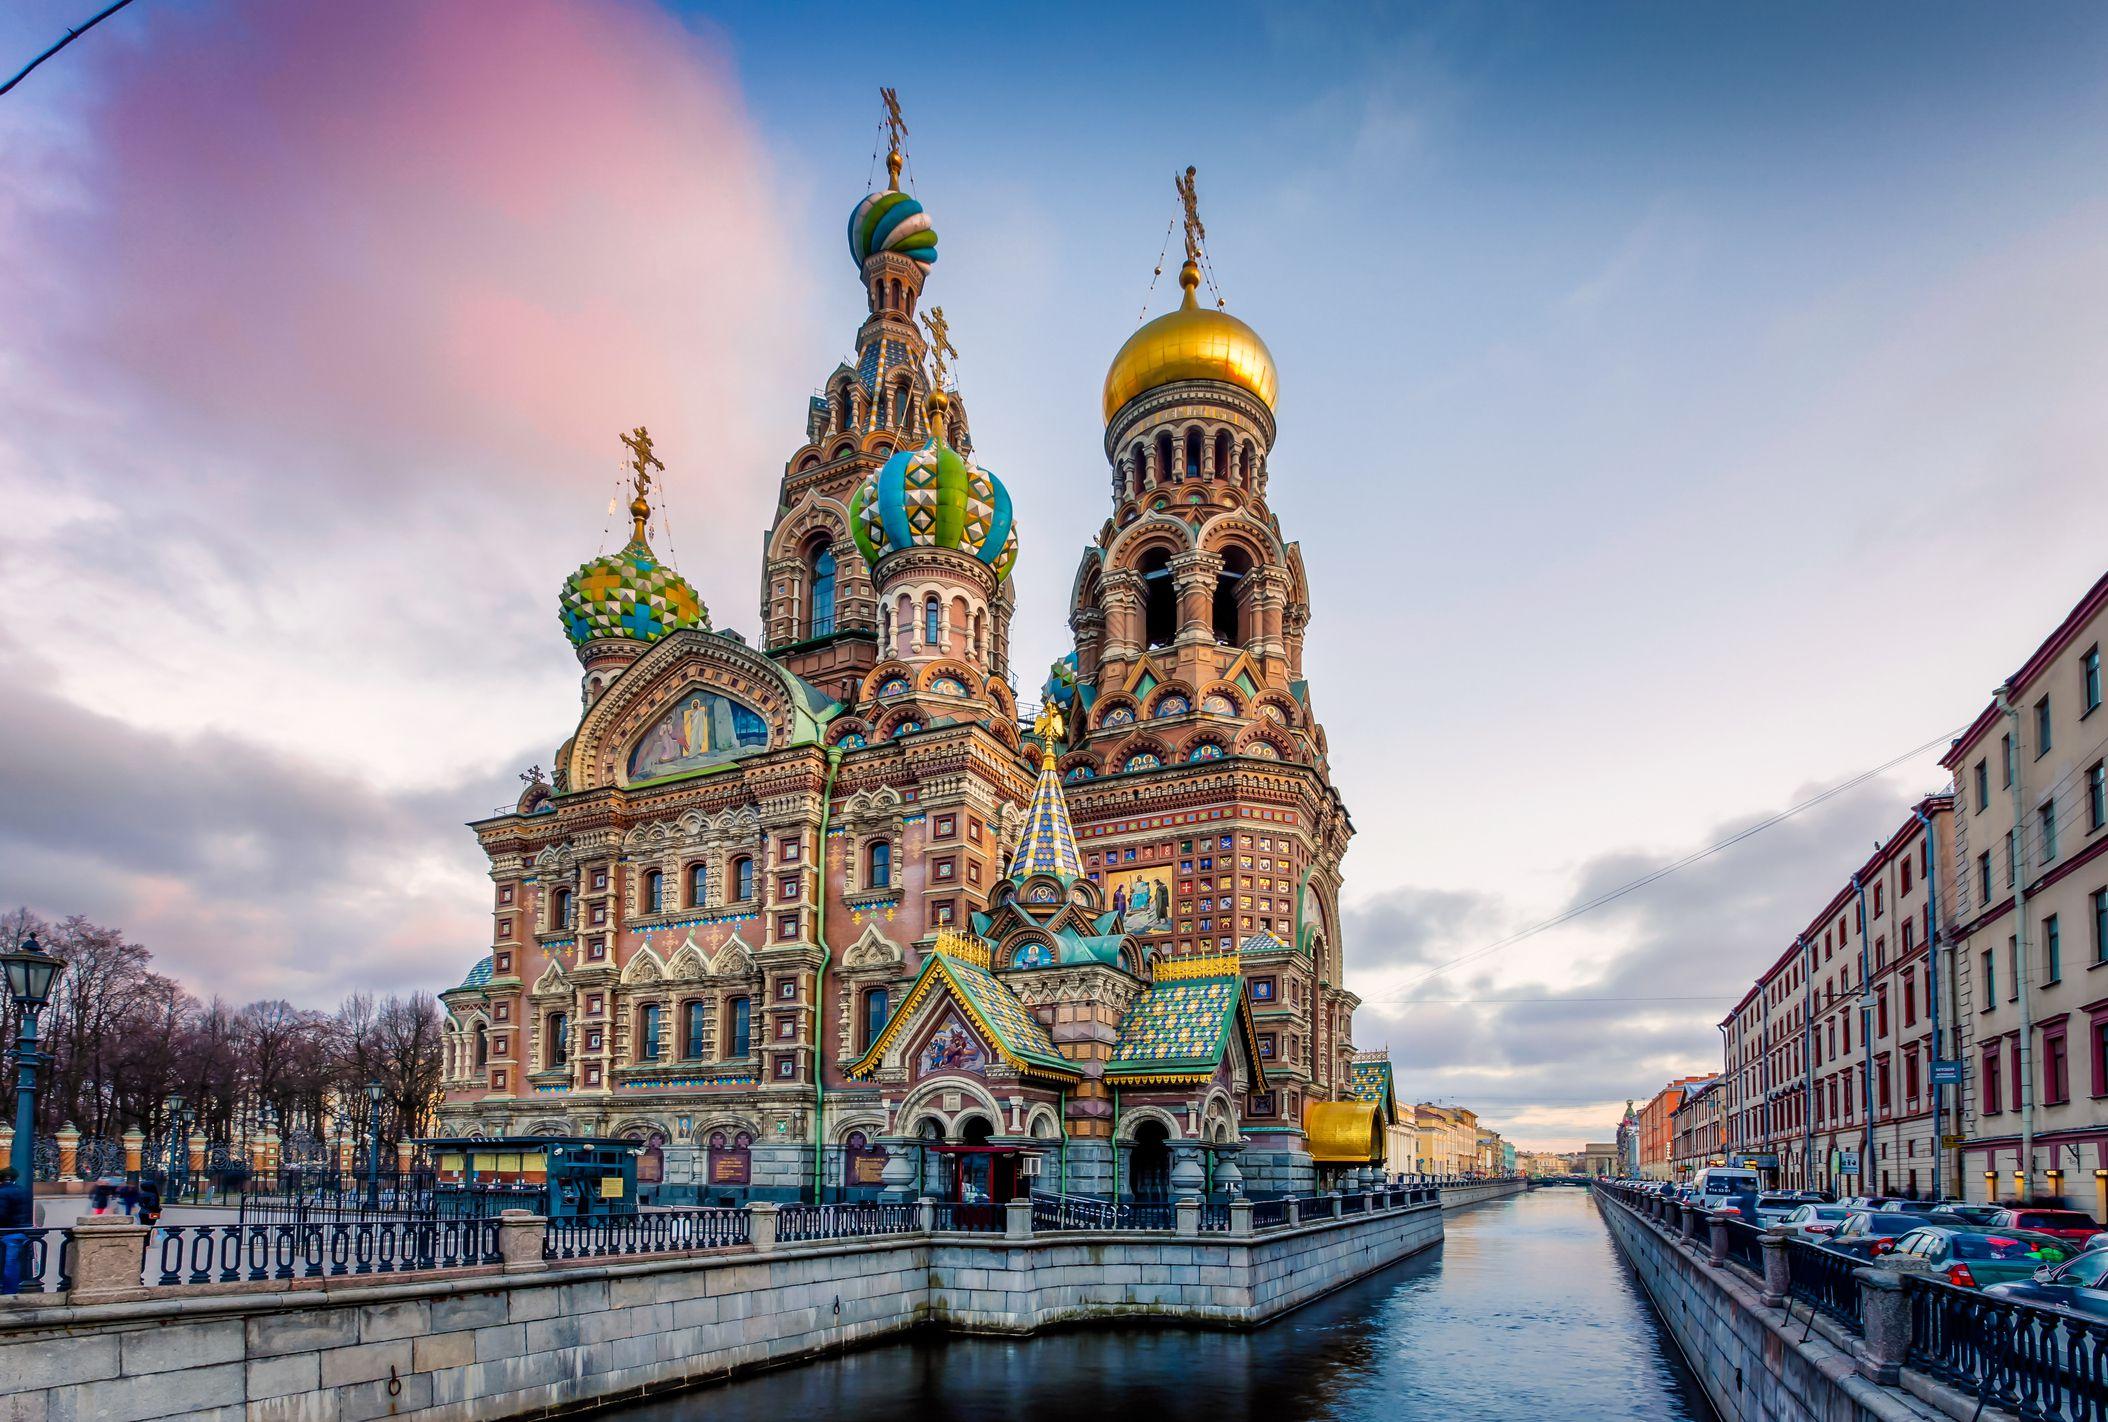 Открытие бизнеса в Санкт-Петербурге